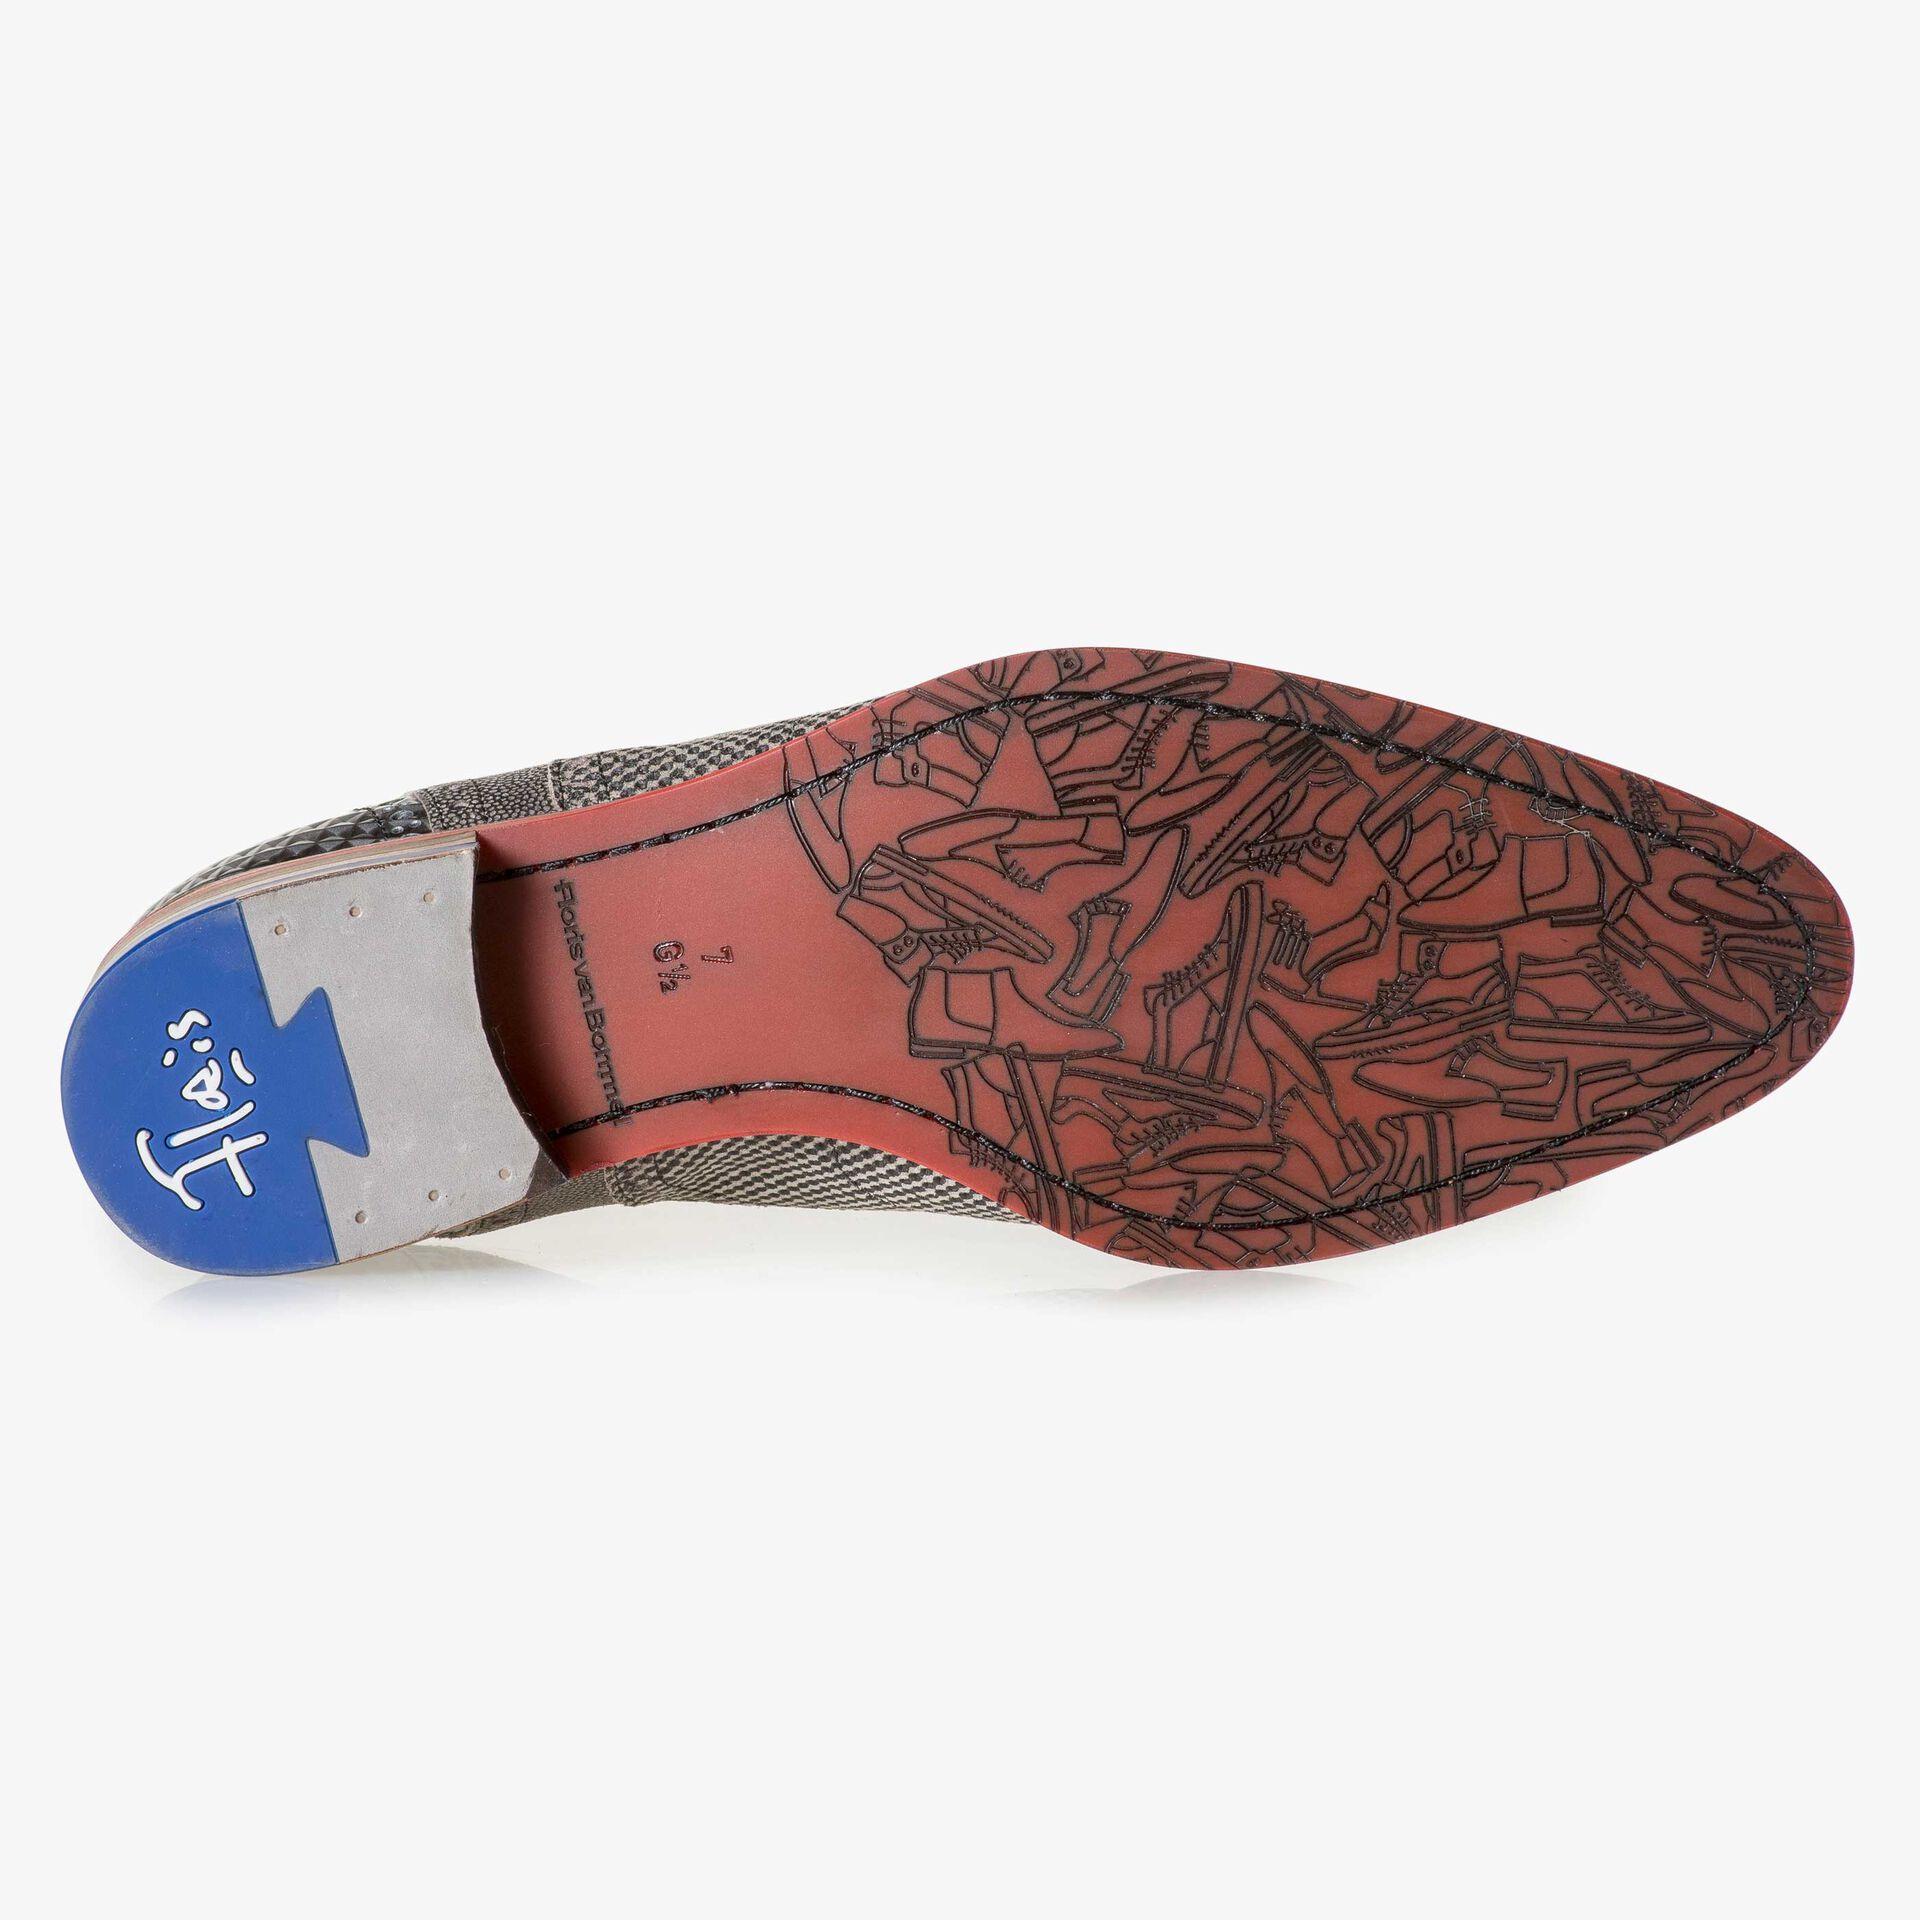 Taupefarbener Wildleder-Schnürschuh mit Mini-Print